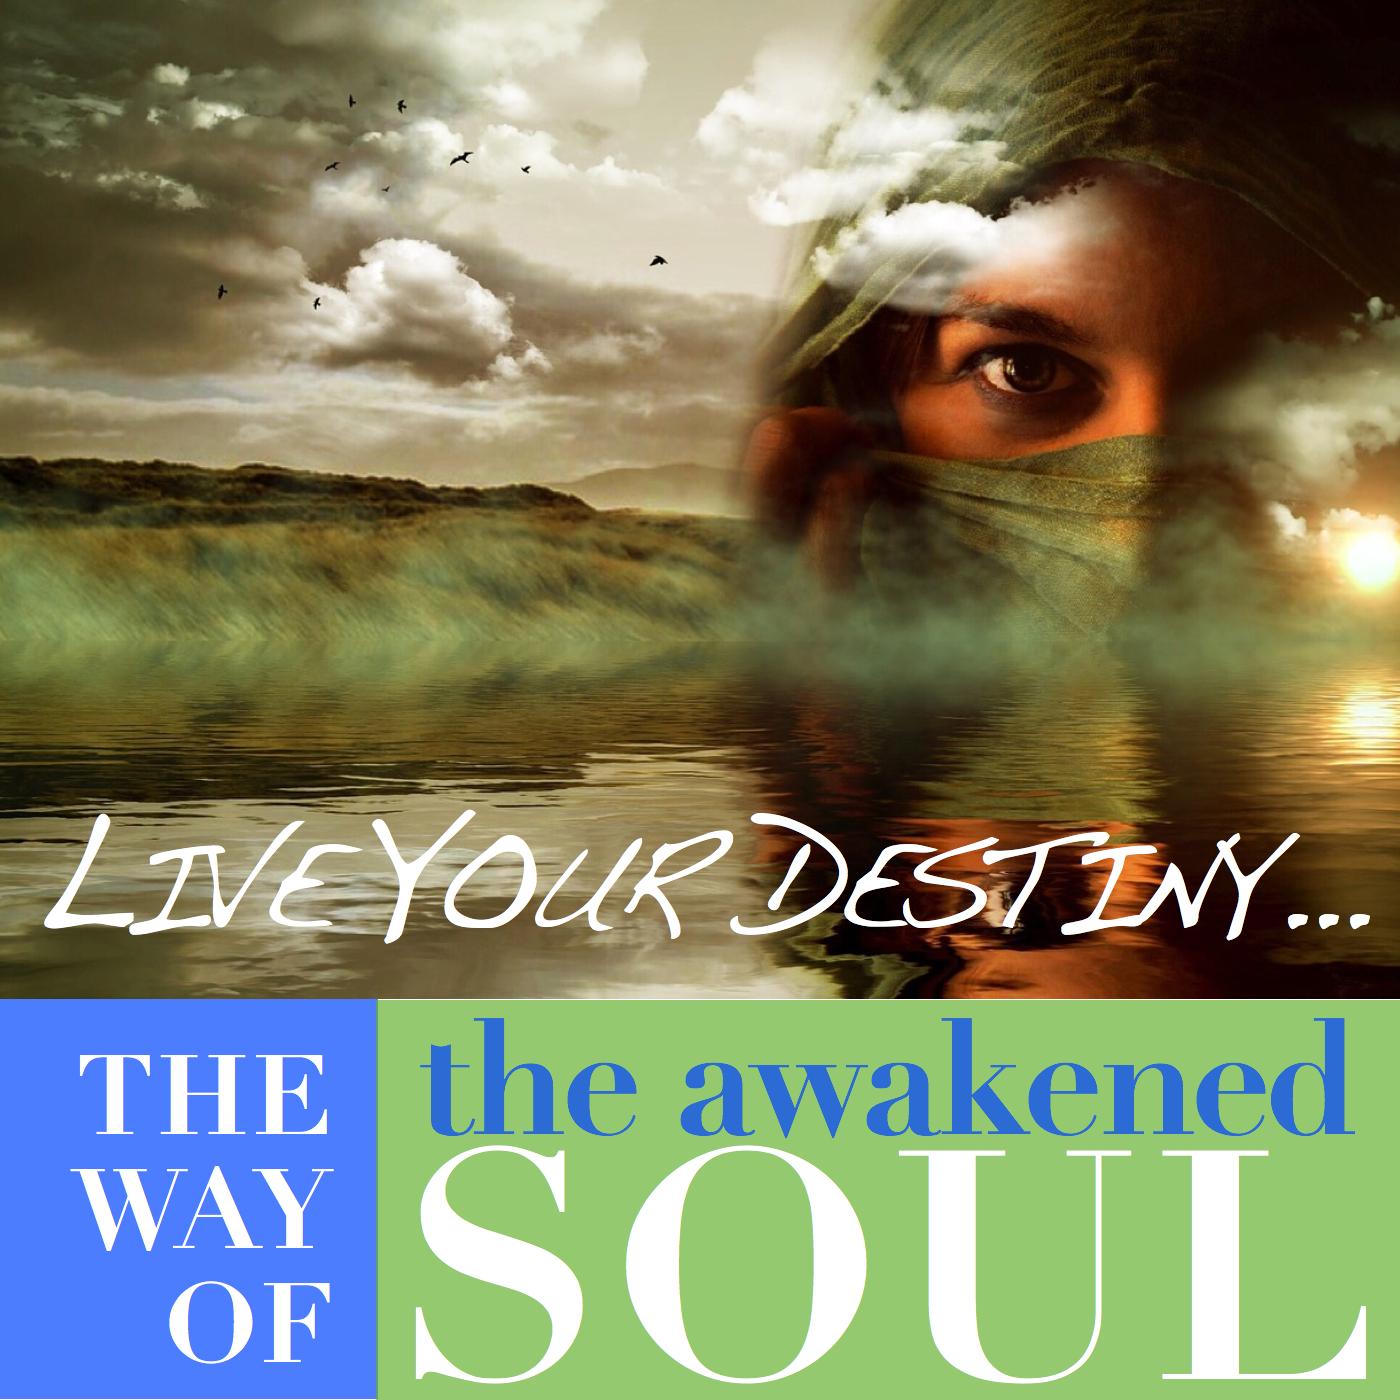 TheWayOfTheAwakenedSoul